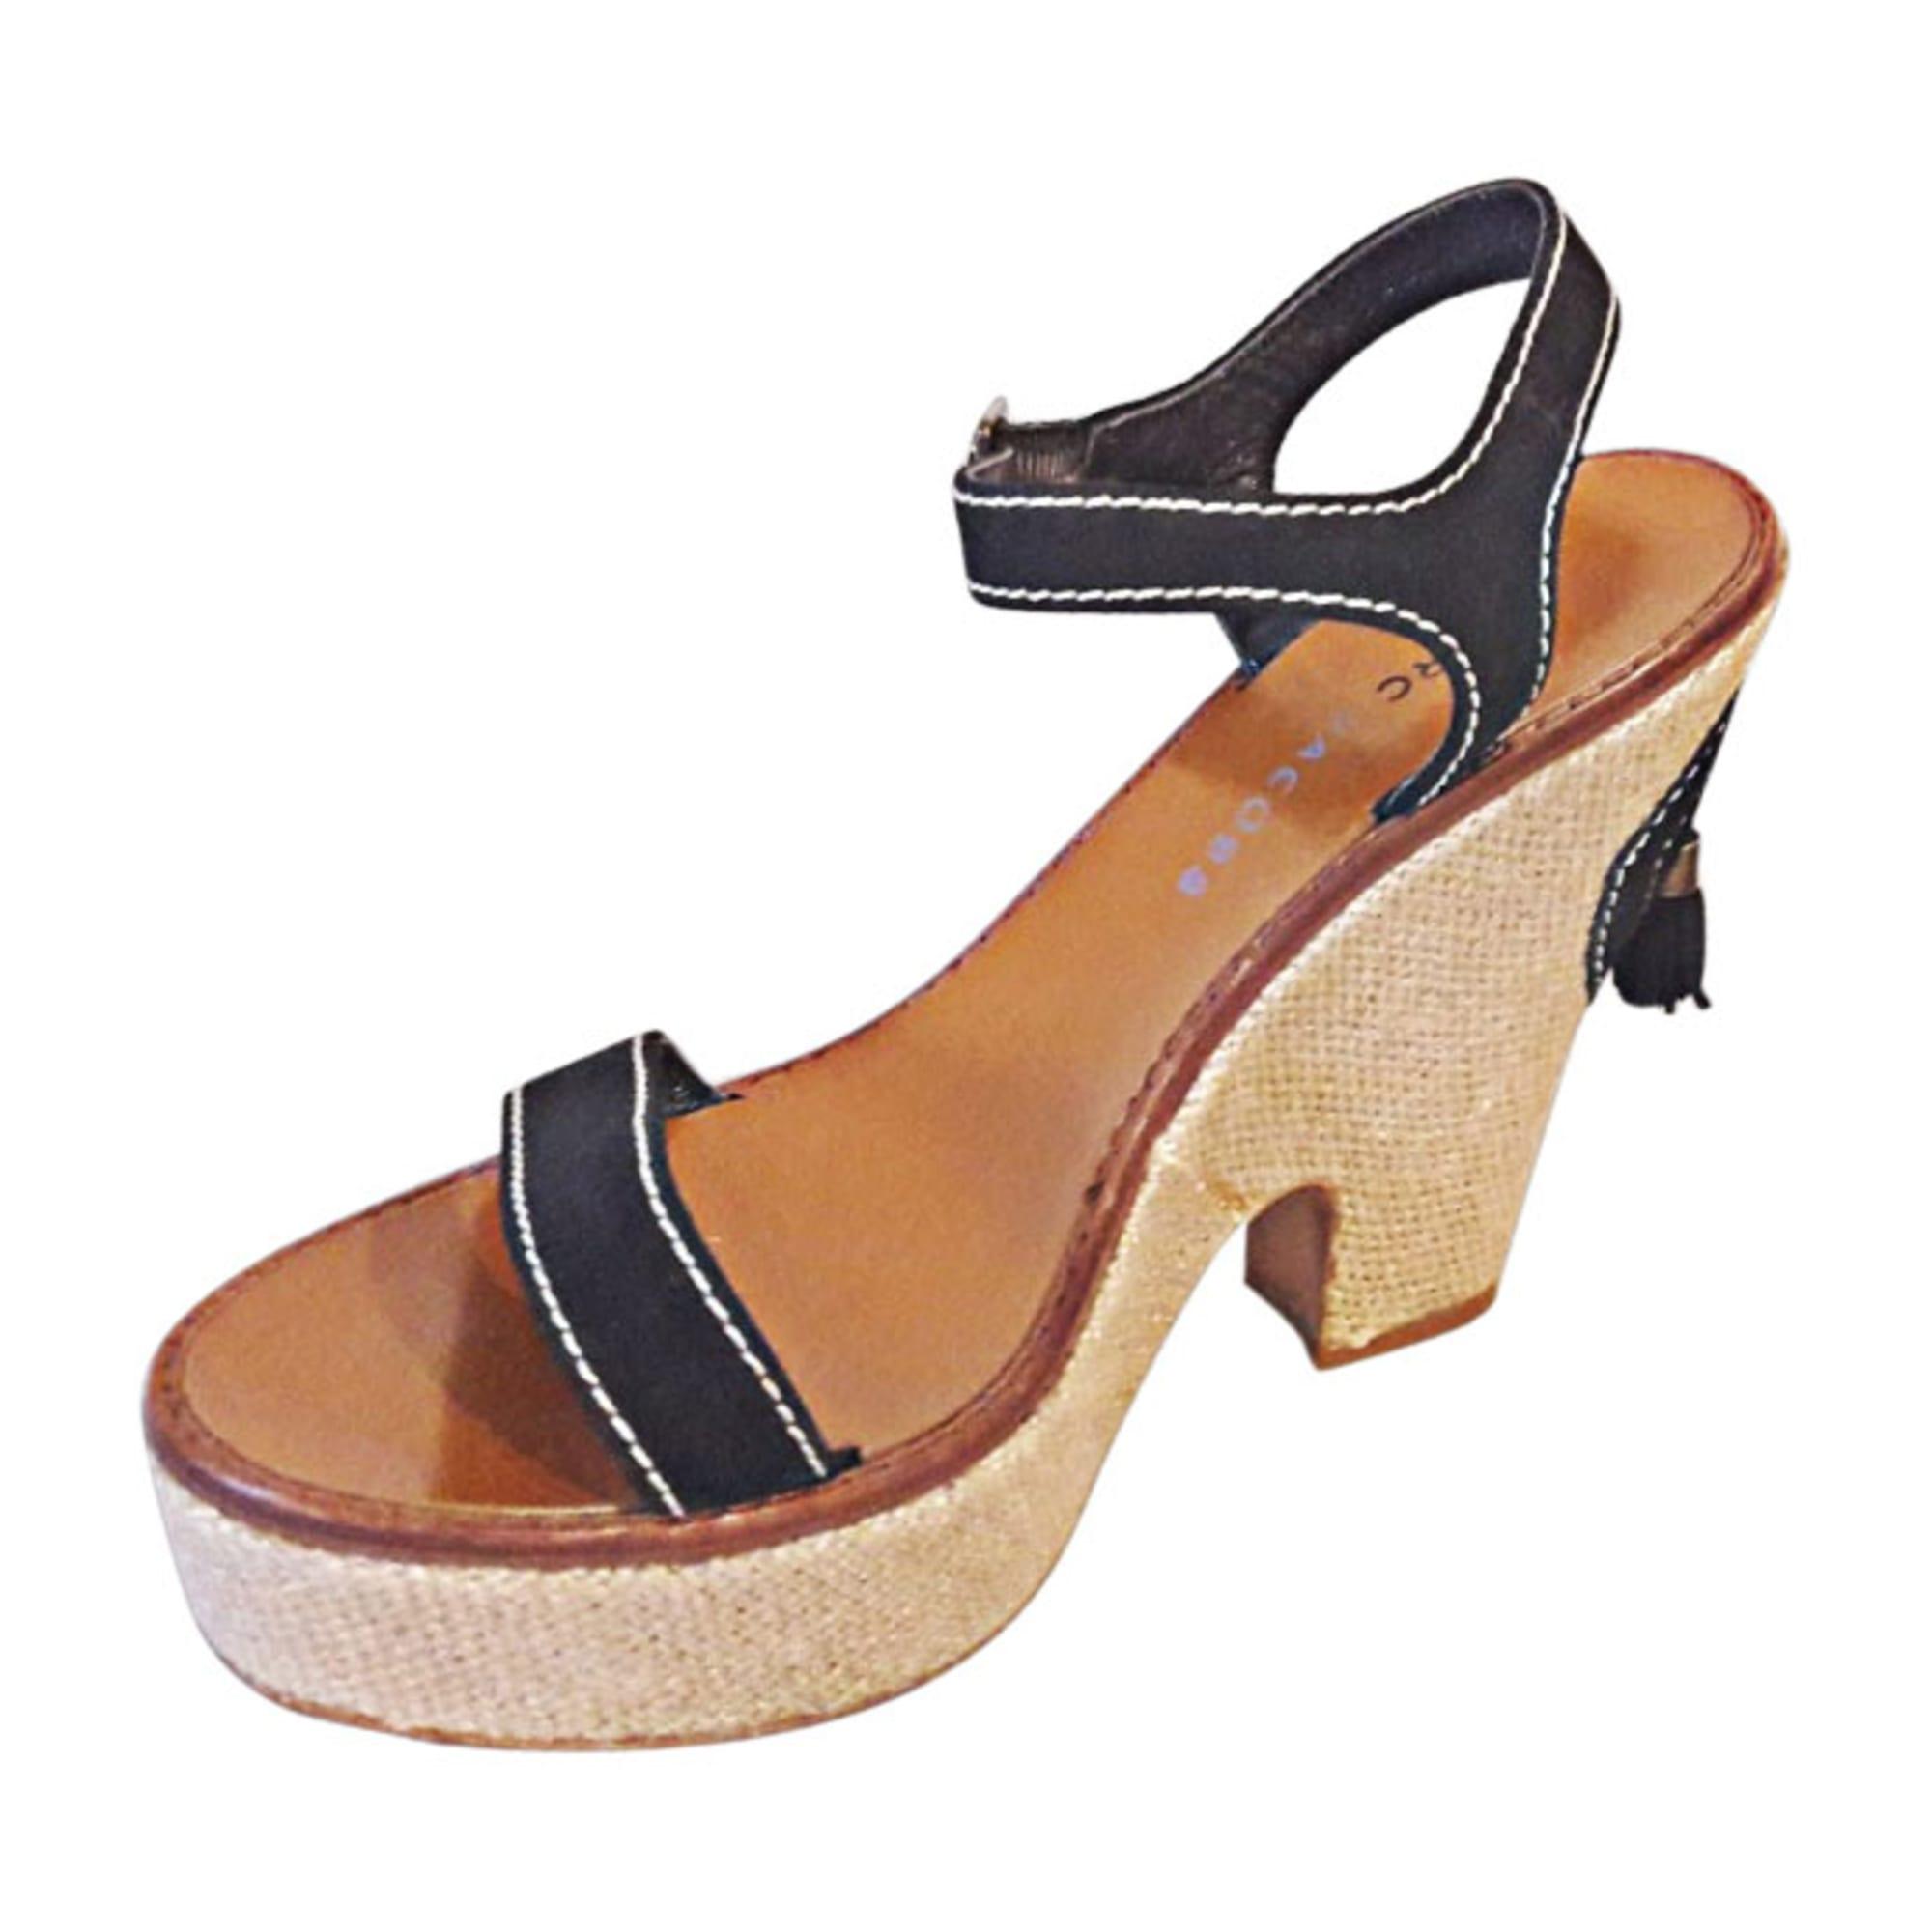 Sandales compensées MARC JACOBS 39 noir - 7496123 061b4ea6e0b